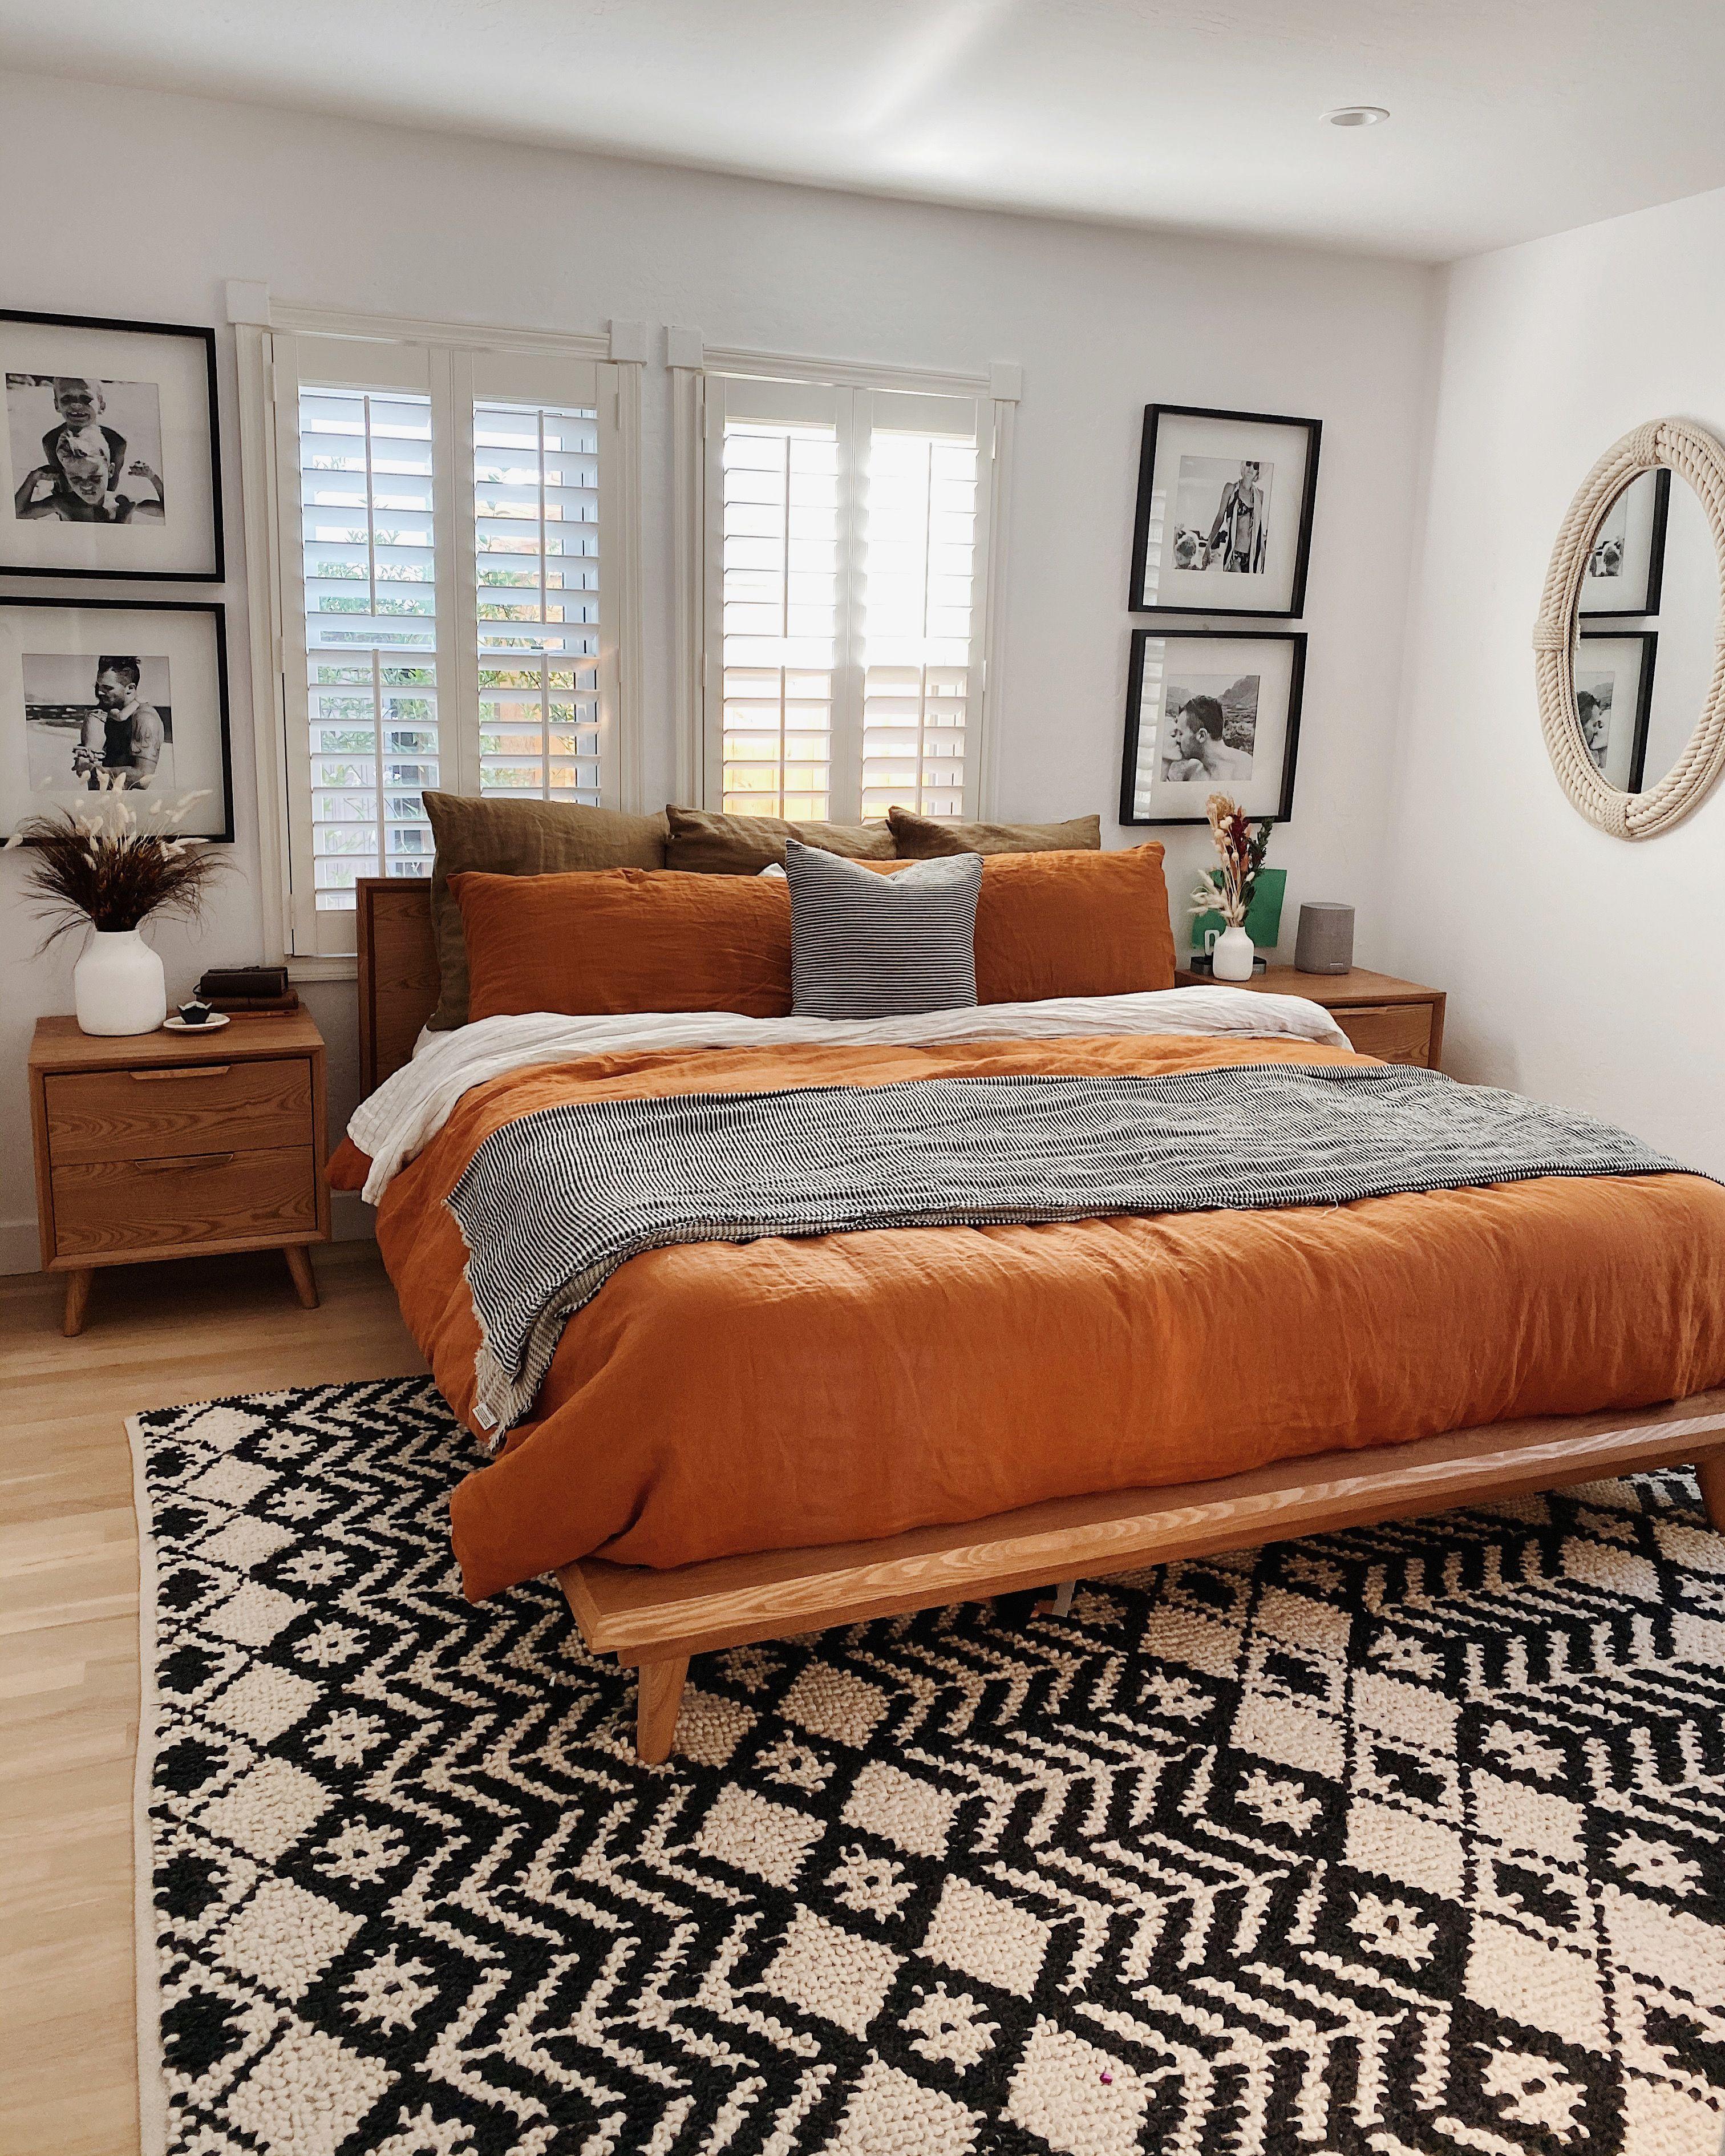 Flechas Y Arco Encontrar Alegria En El Medio Alegria Arco Disenodedormitorio Home Decor Bedroom Bedroom Makeover Bohemian House Decor